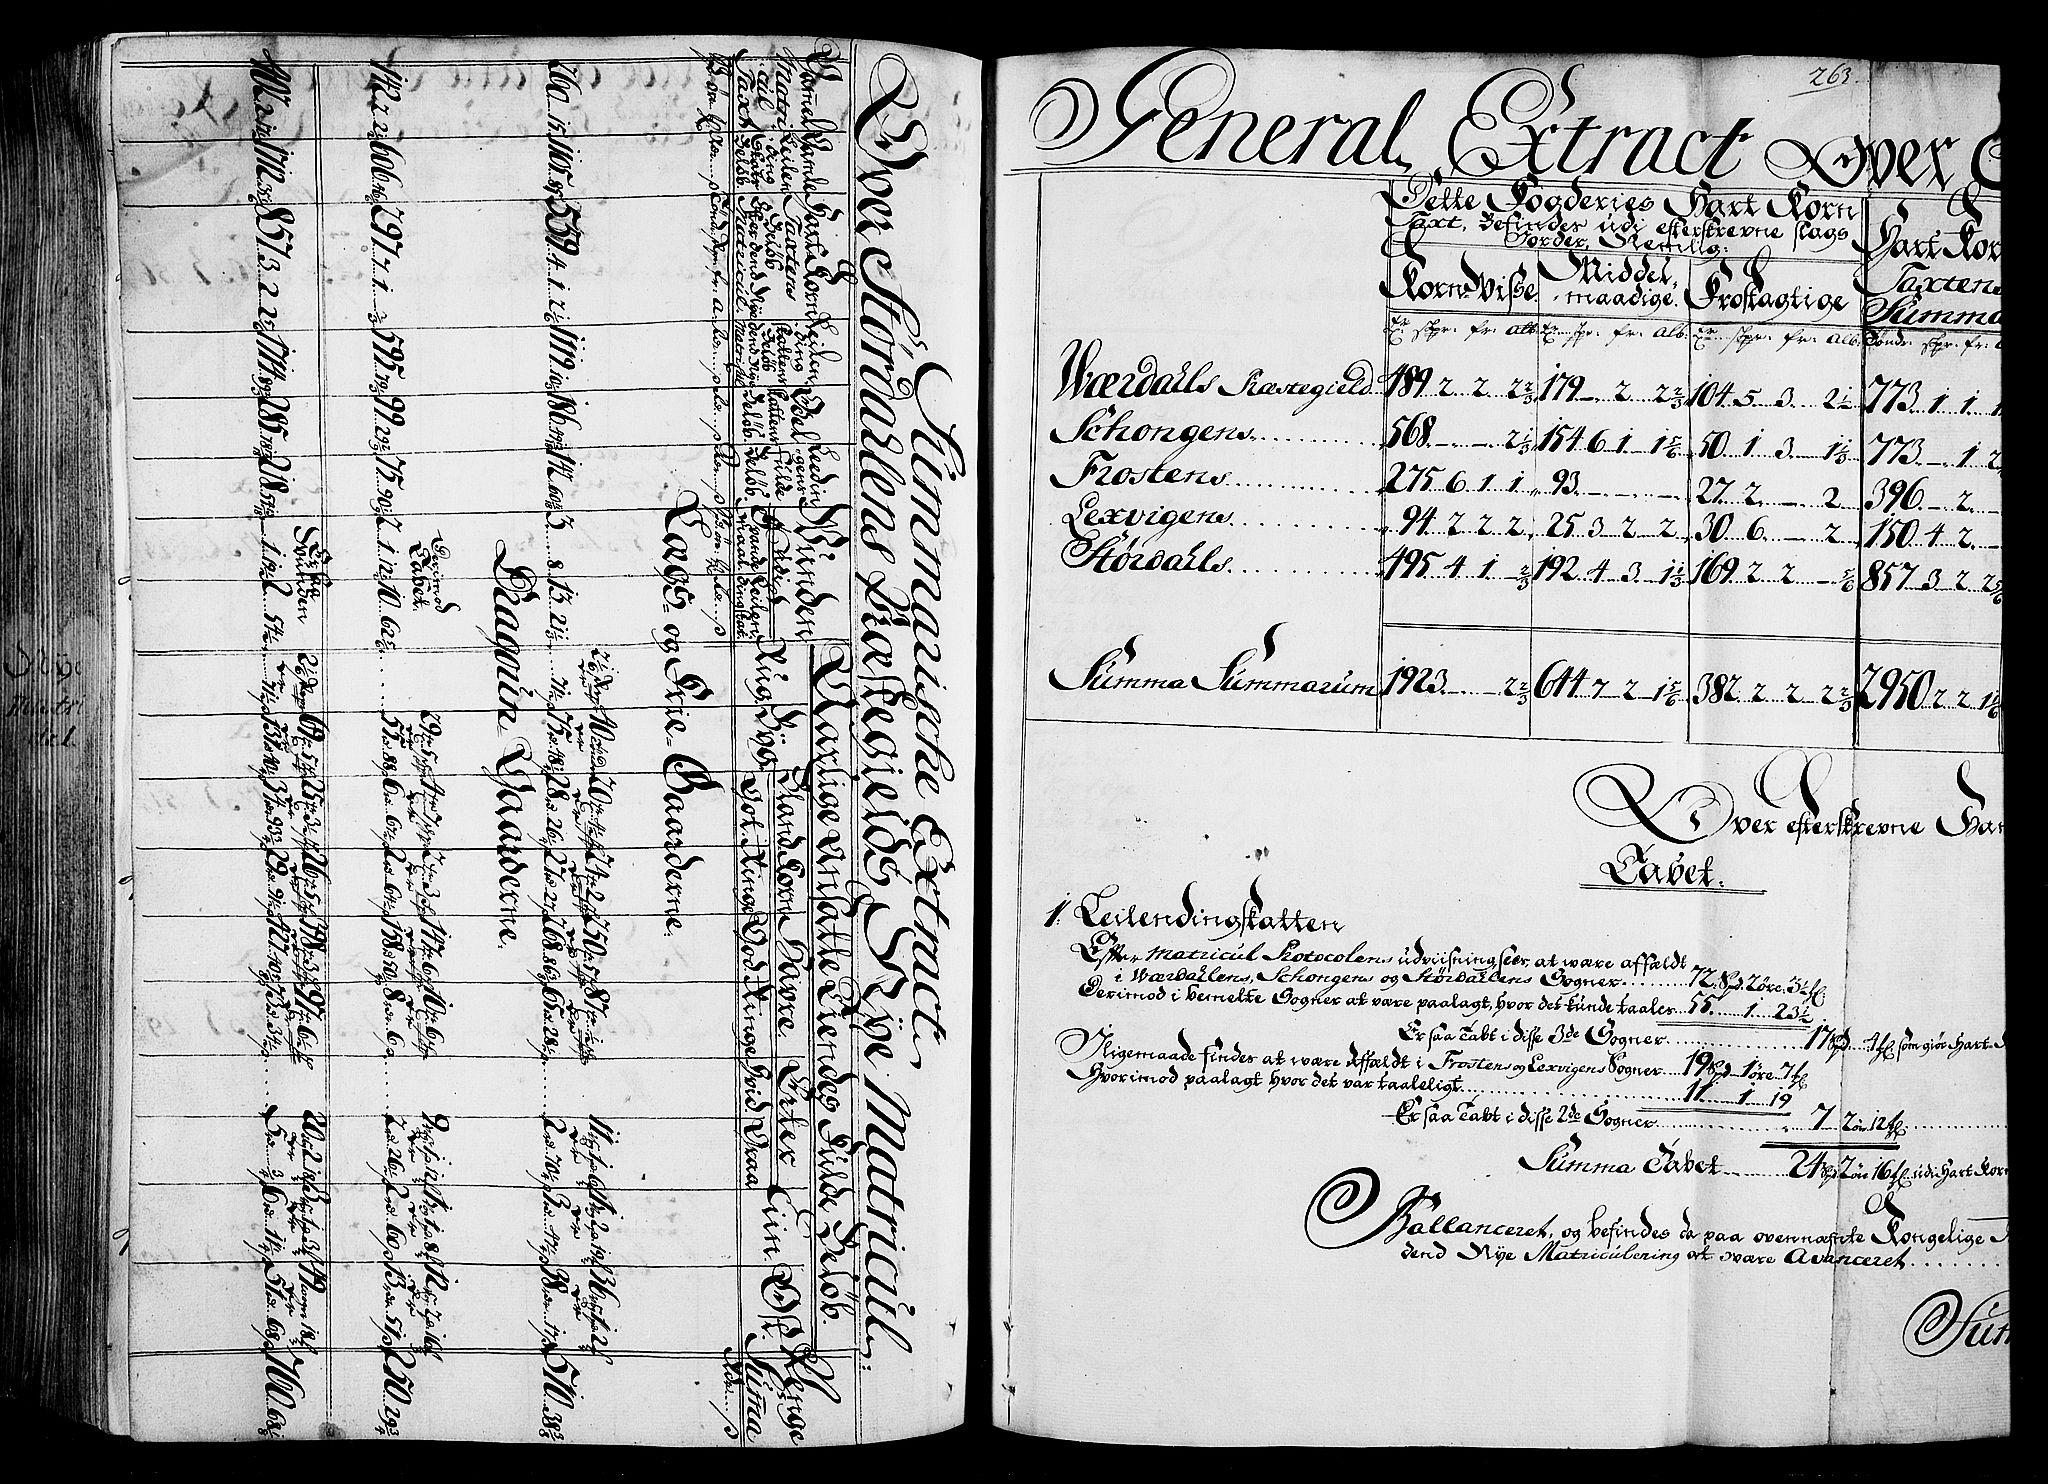 RA, Rentekammeret inntil 1814, Realistisk ordnet avdeling, N/Nb/Nbf/L0165: Stjørdal og Verdal matrikkelprotokoll, 1723, s. 262b-263a